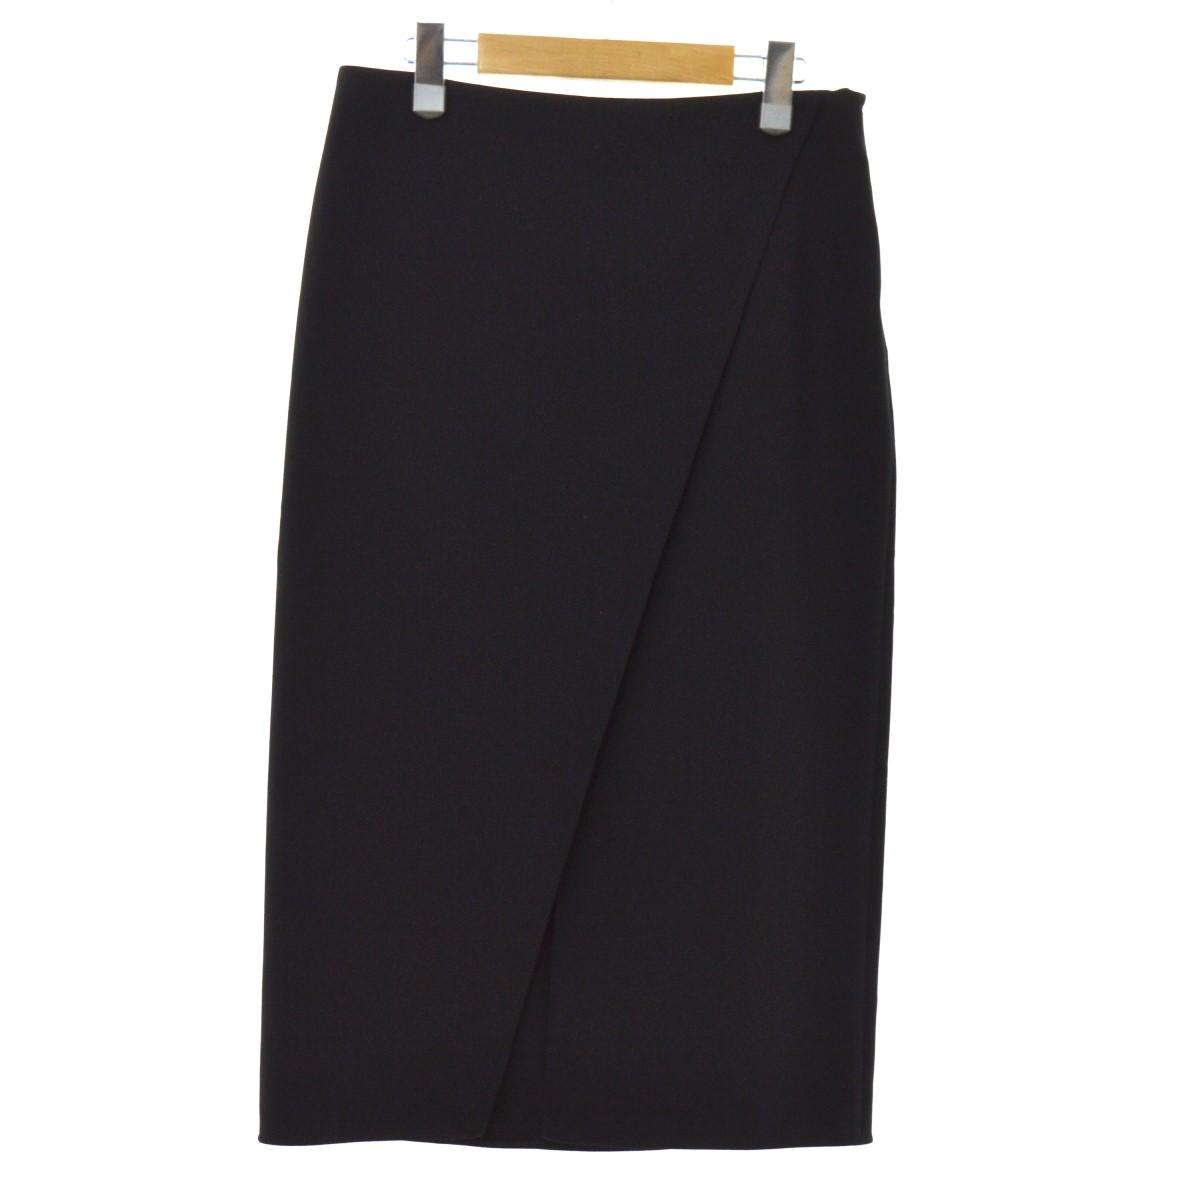 【中古】ACNE STUDIOS 17SS スカート ブラック サイズ:36 【150220】(アクネストゥディオズ)